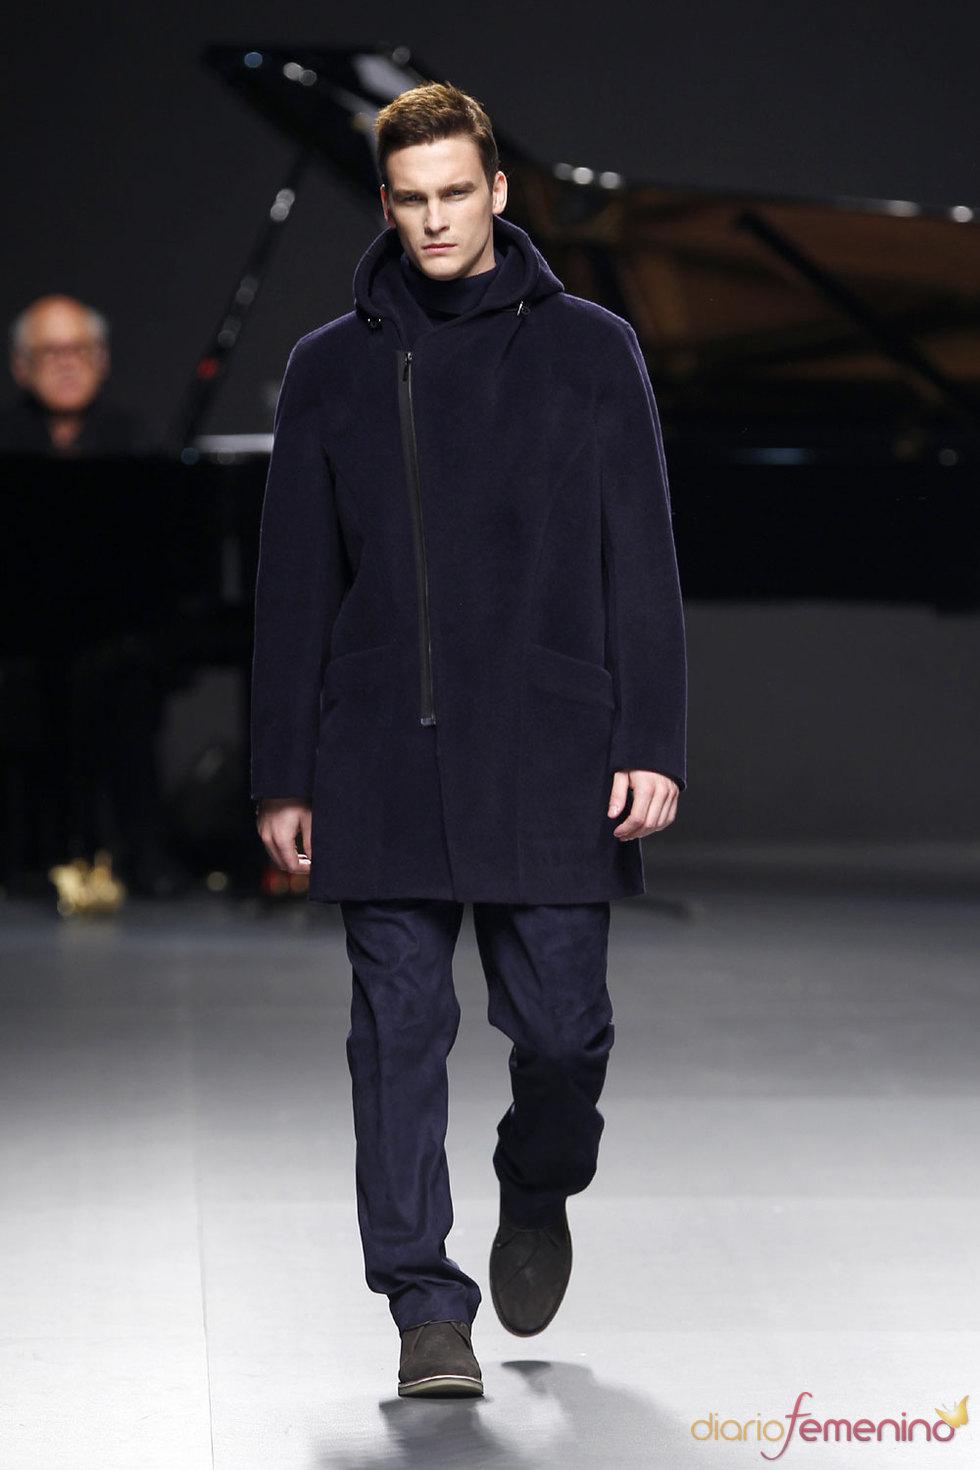 Adolfo Domínguez - Madrid Fashion Week 2010